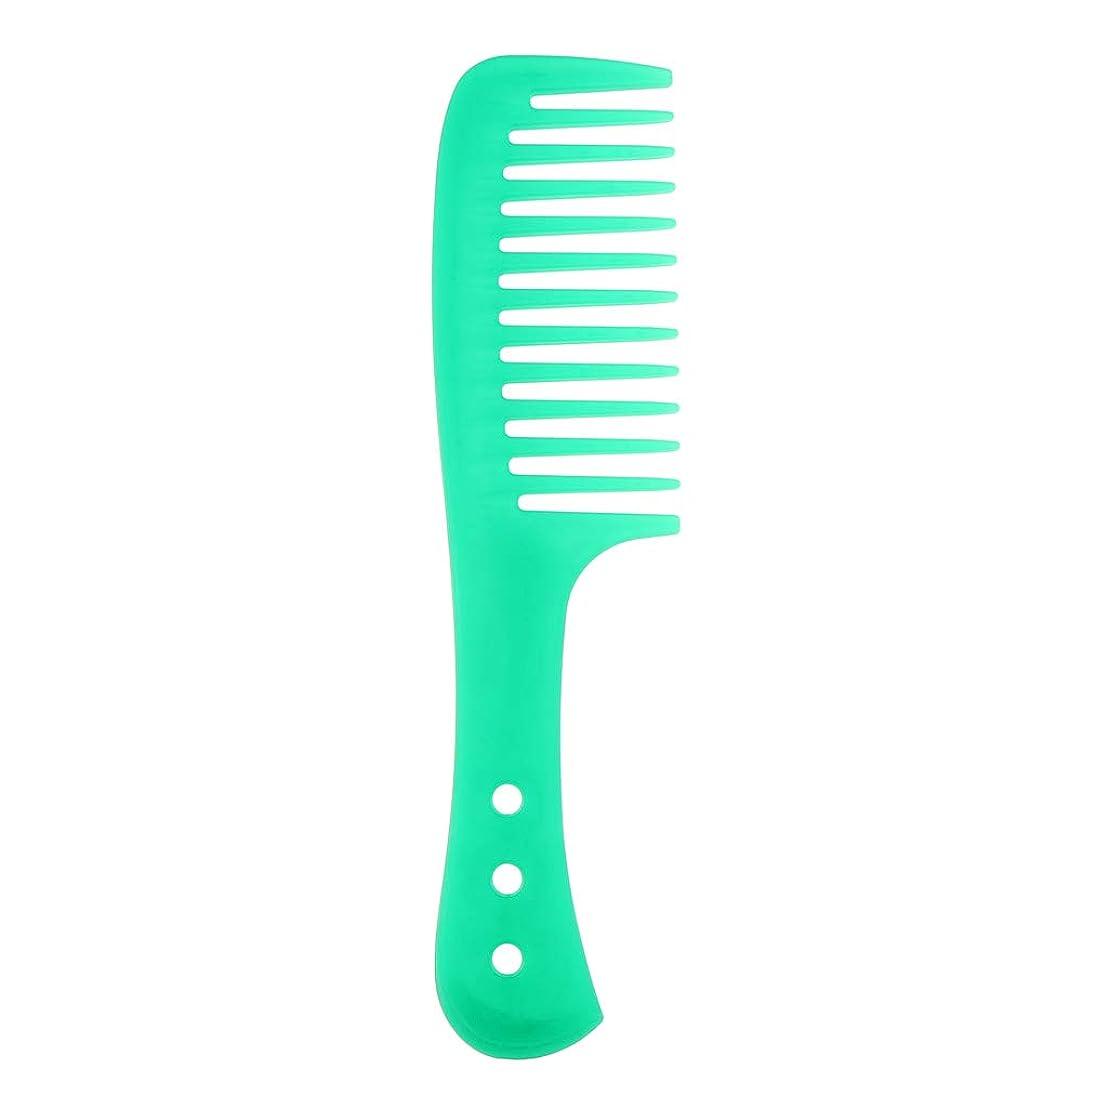 スケルトン最終既婚ポータブル理髪広い歯の櫛巻き毛のDetangler頭皮マッサージブラシ - 緑